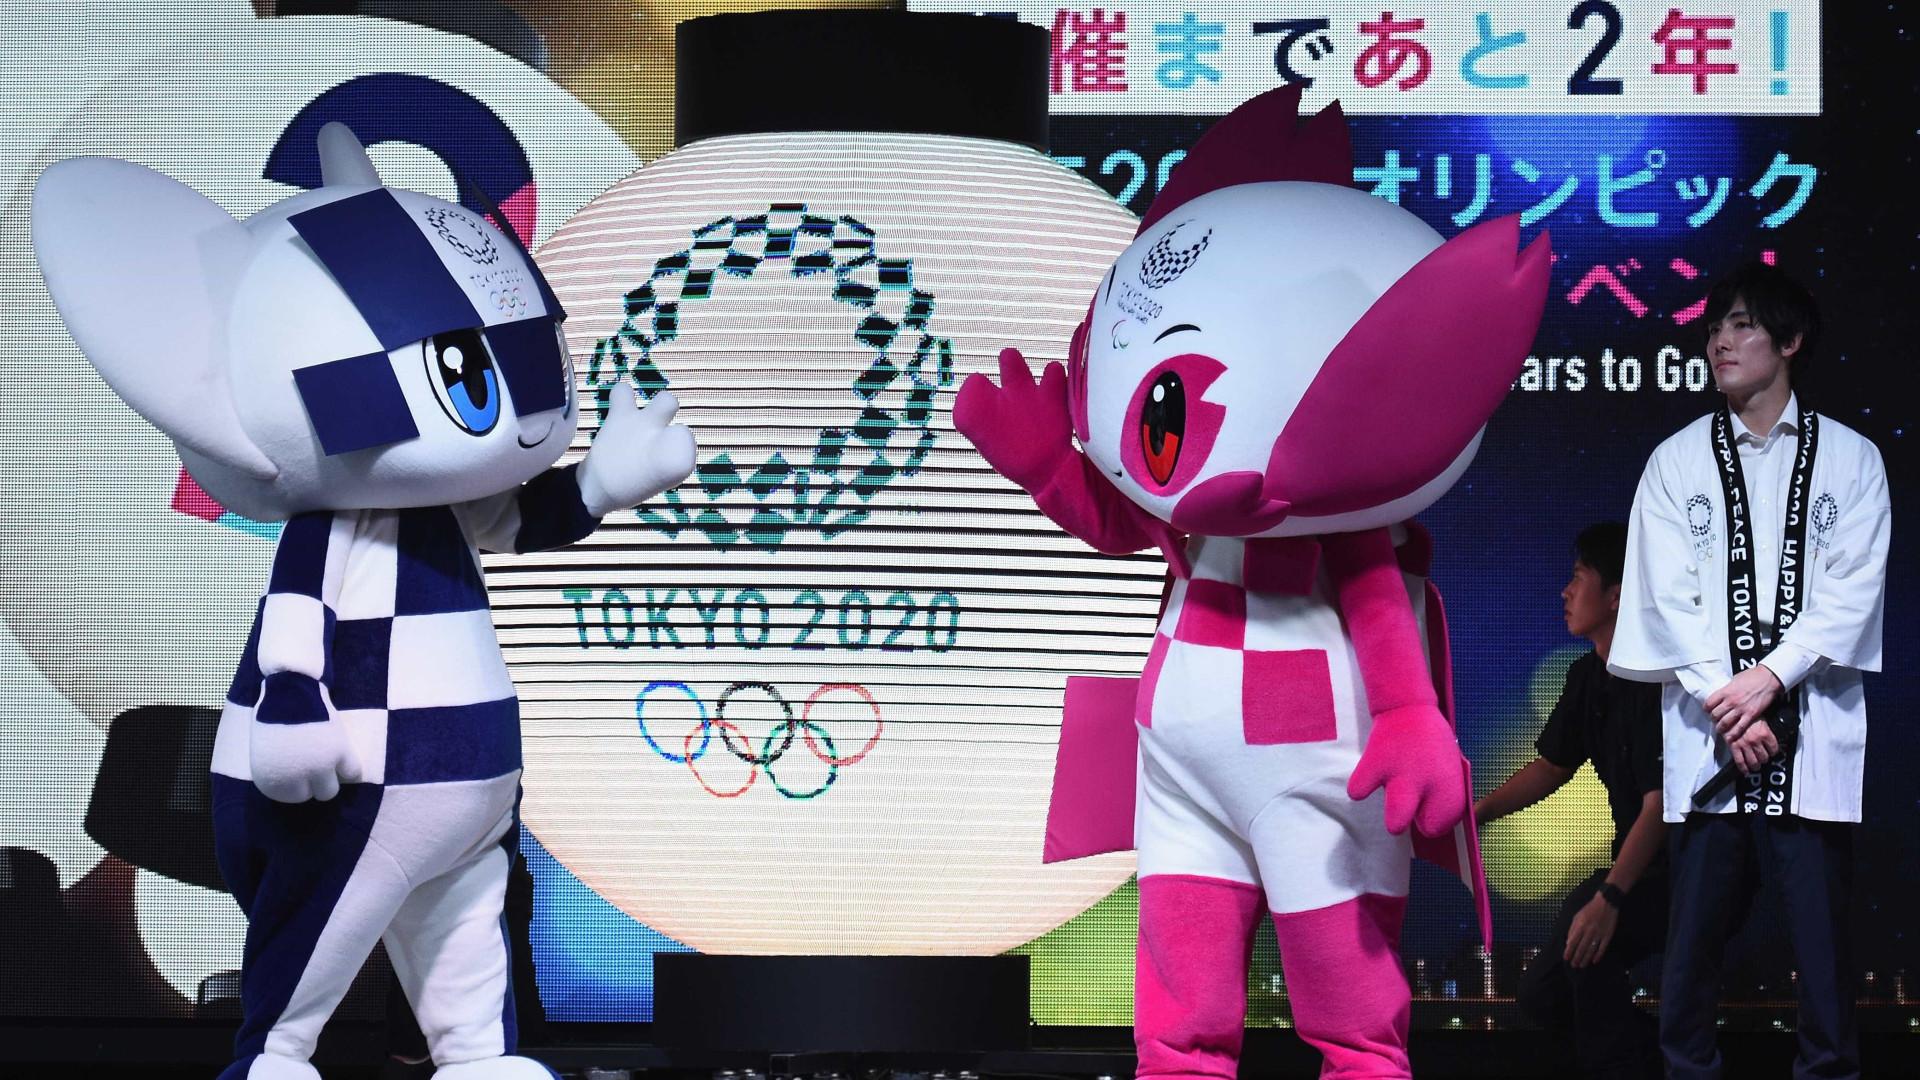 Com festa, Tóquio inicia contagem regressiva de dois anos para Jogos